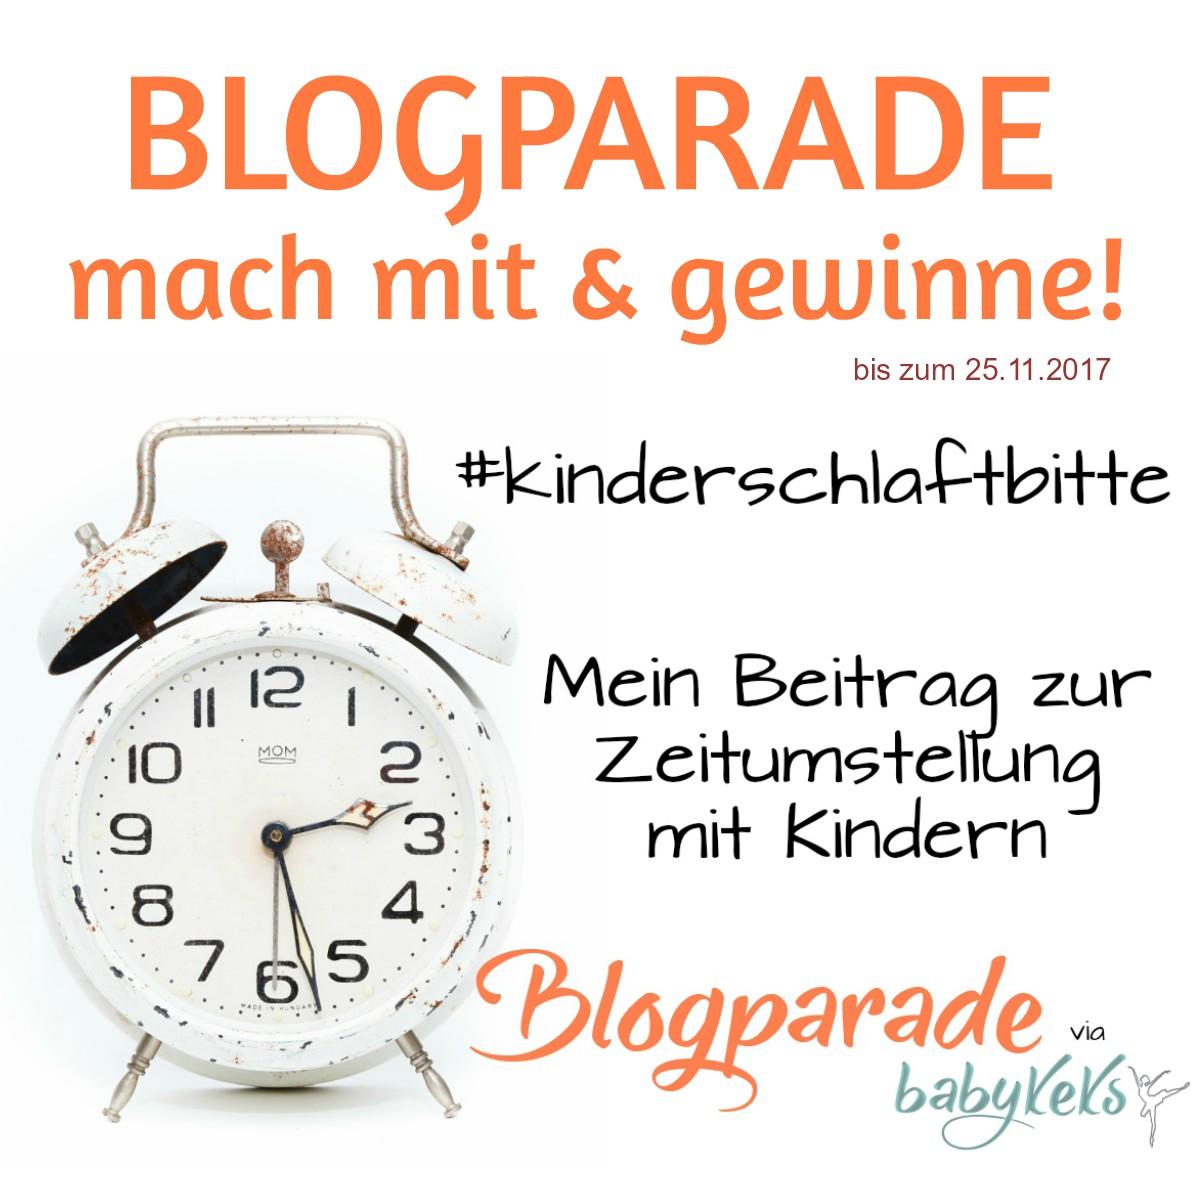 Blogparade zur Zeitumstellung auf babykeks.de